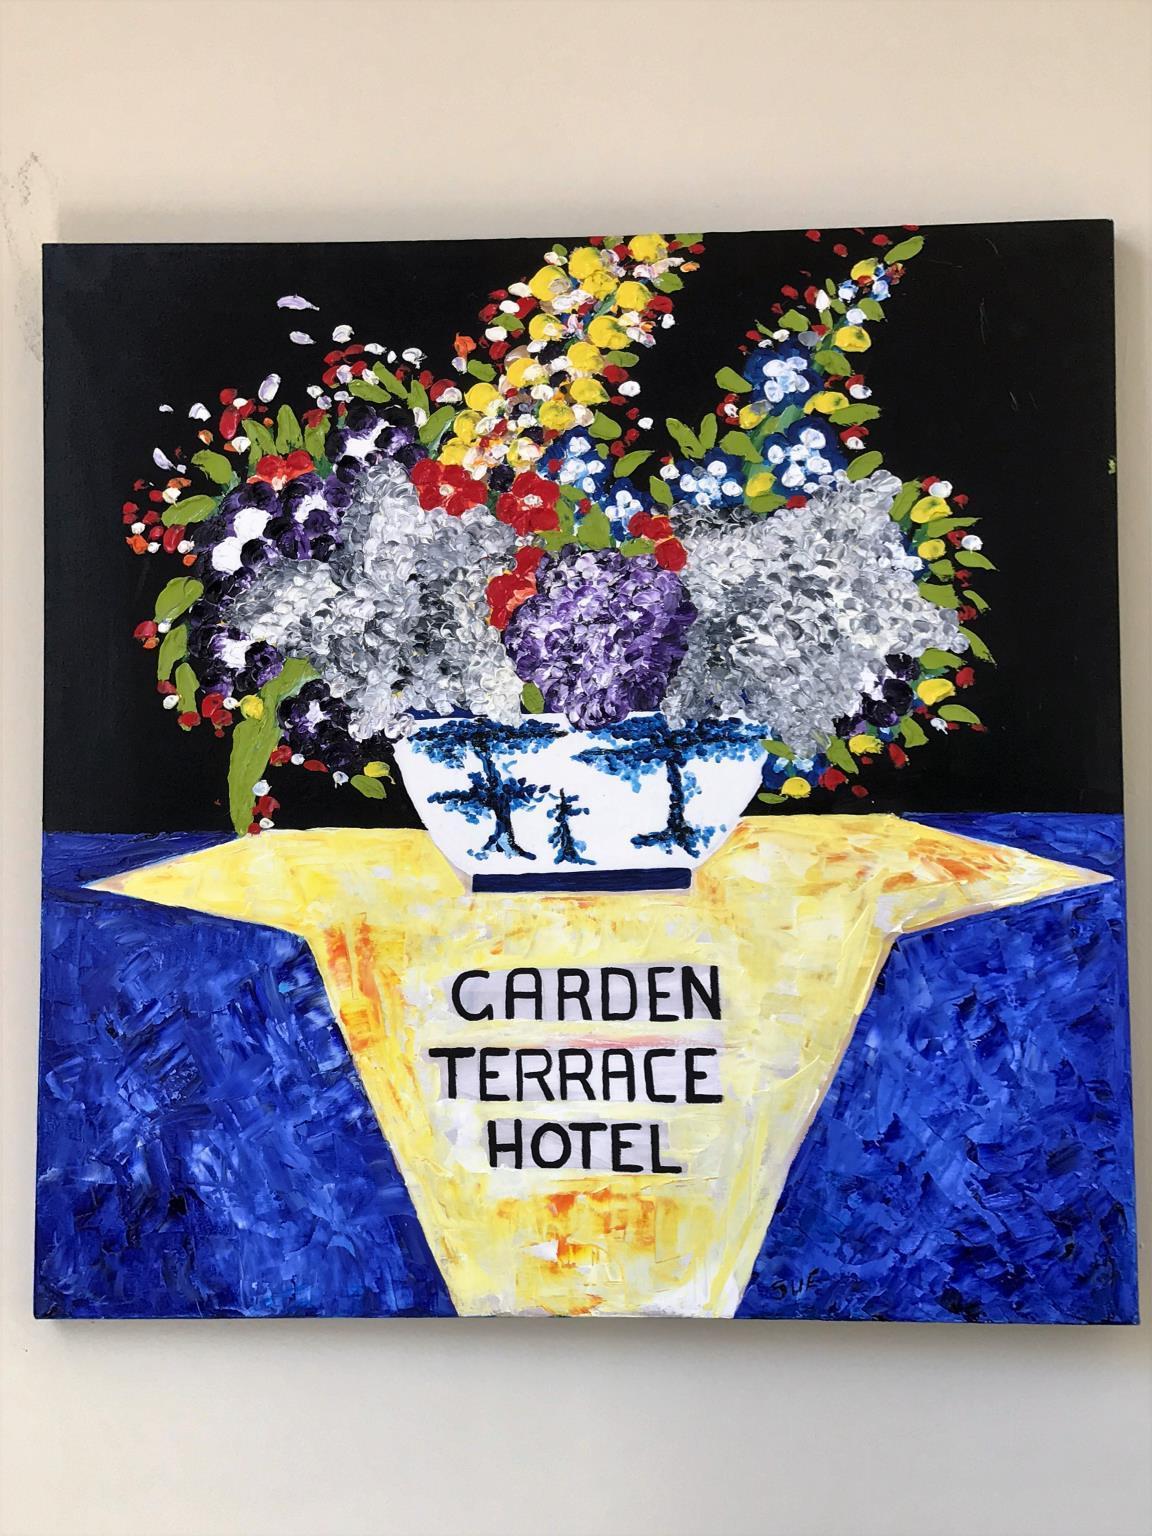 Garden Terrace Hotel